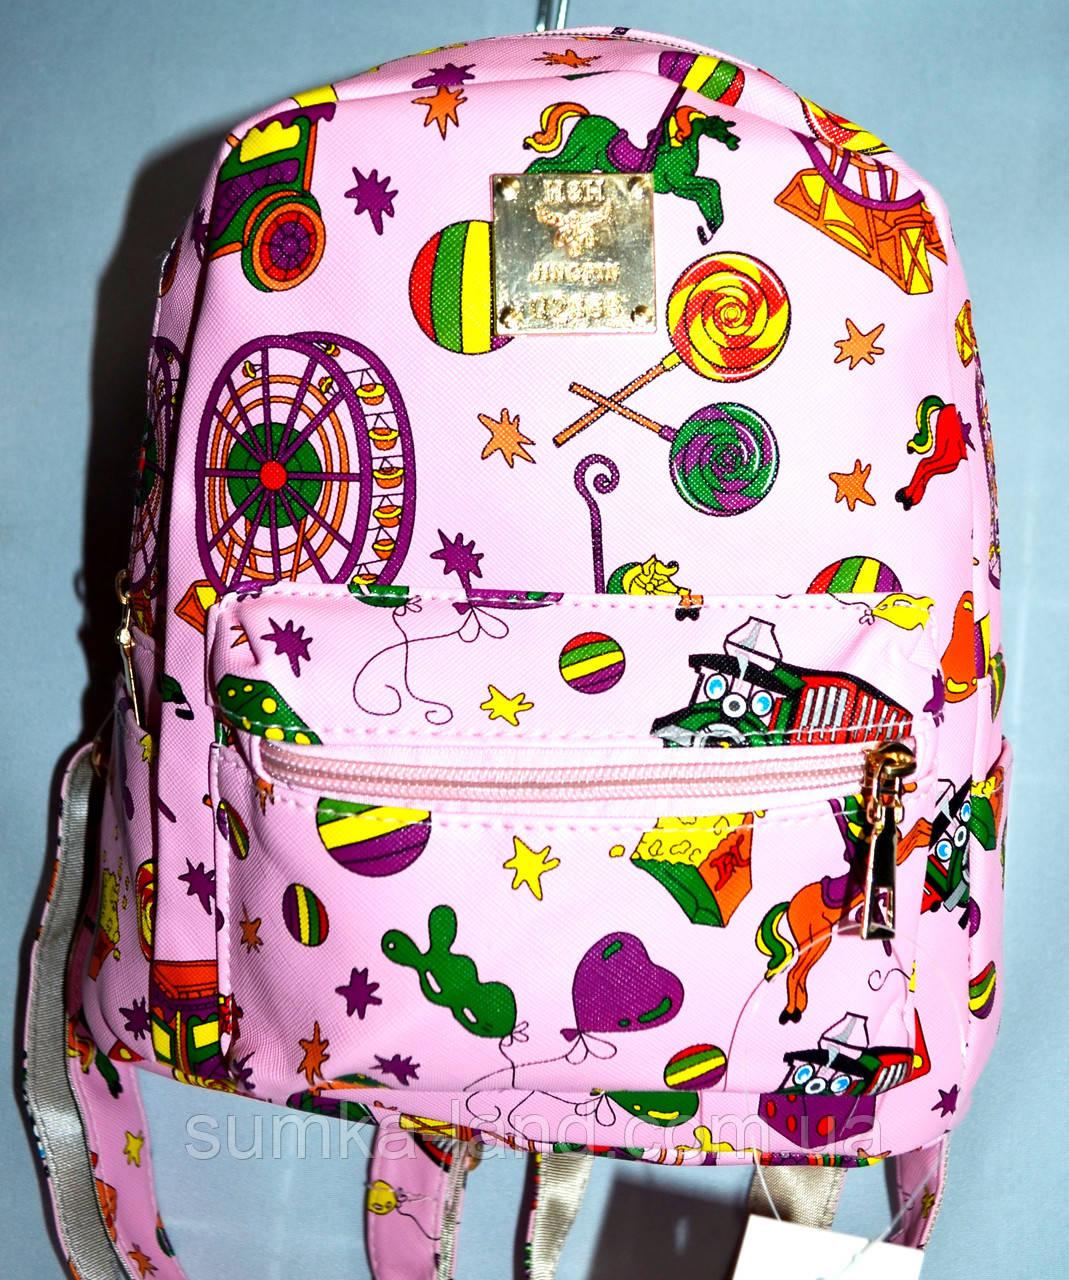 014d34679532 Женский городской рюкзак 22*26 (розовый), цена 182 грн., купить в ...